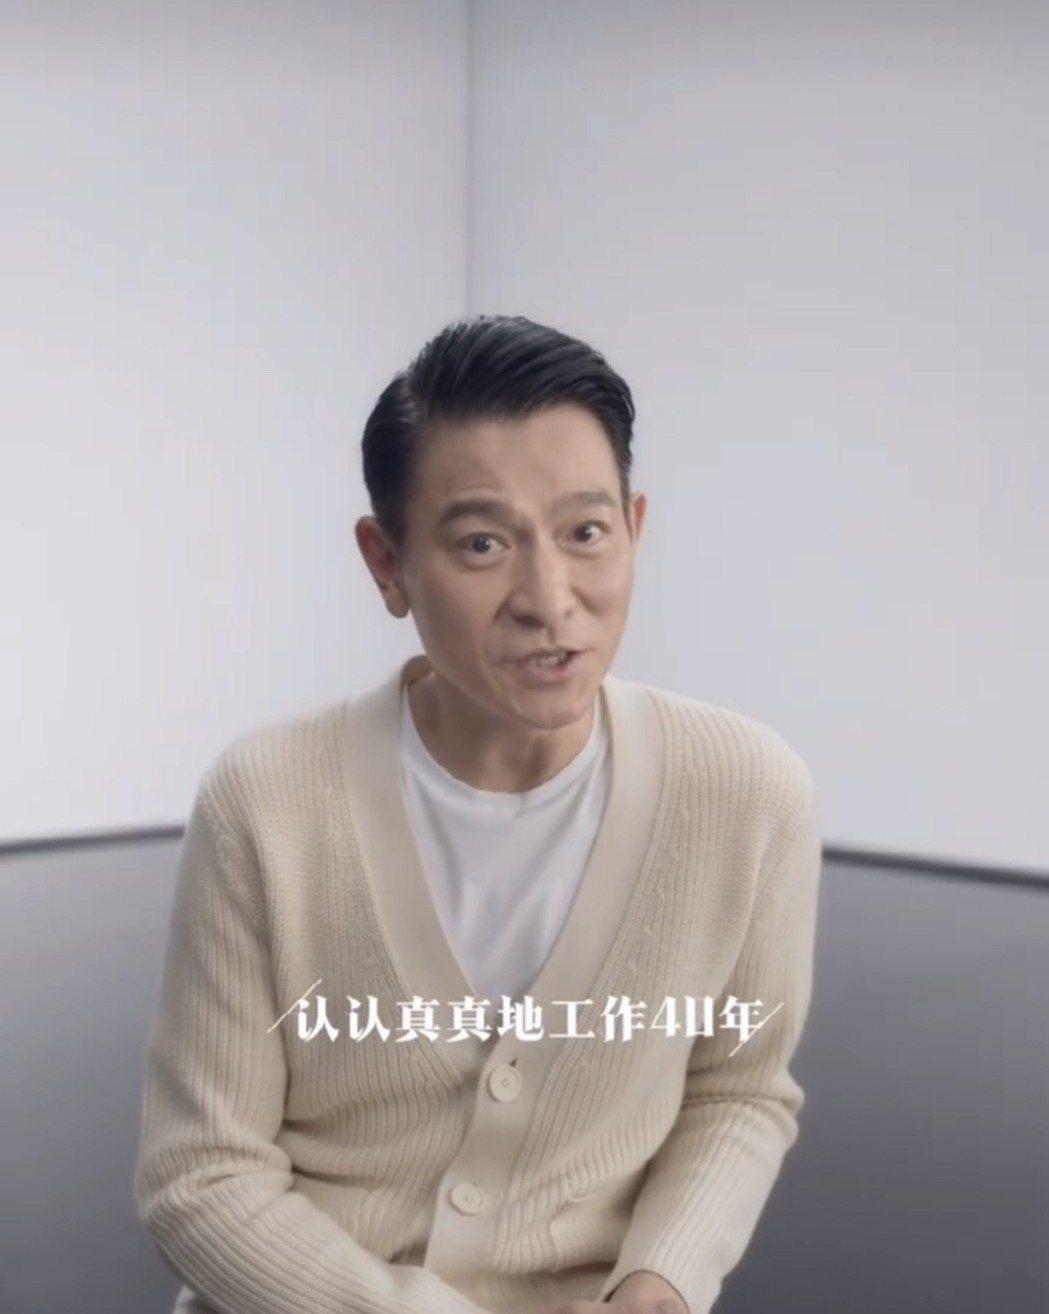 劉德華今年出道40年,在抖音上傳一段影片,吐露出道40年的心境。圖/摘自抖音